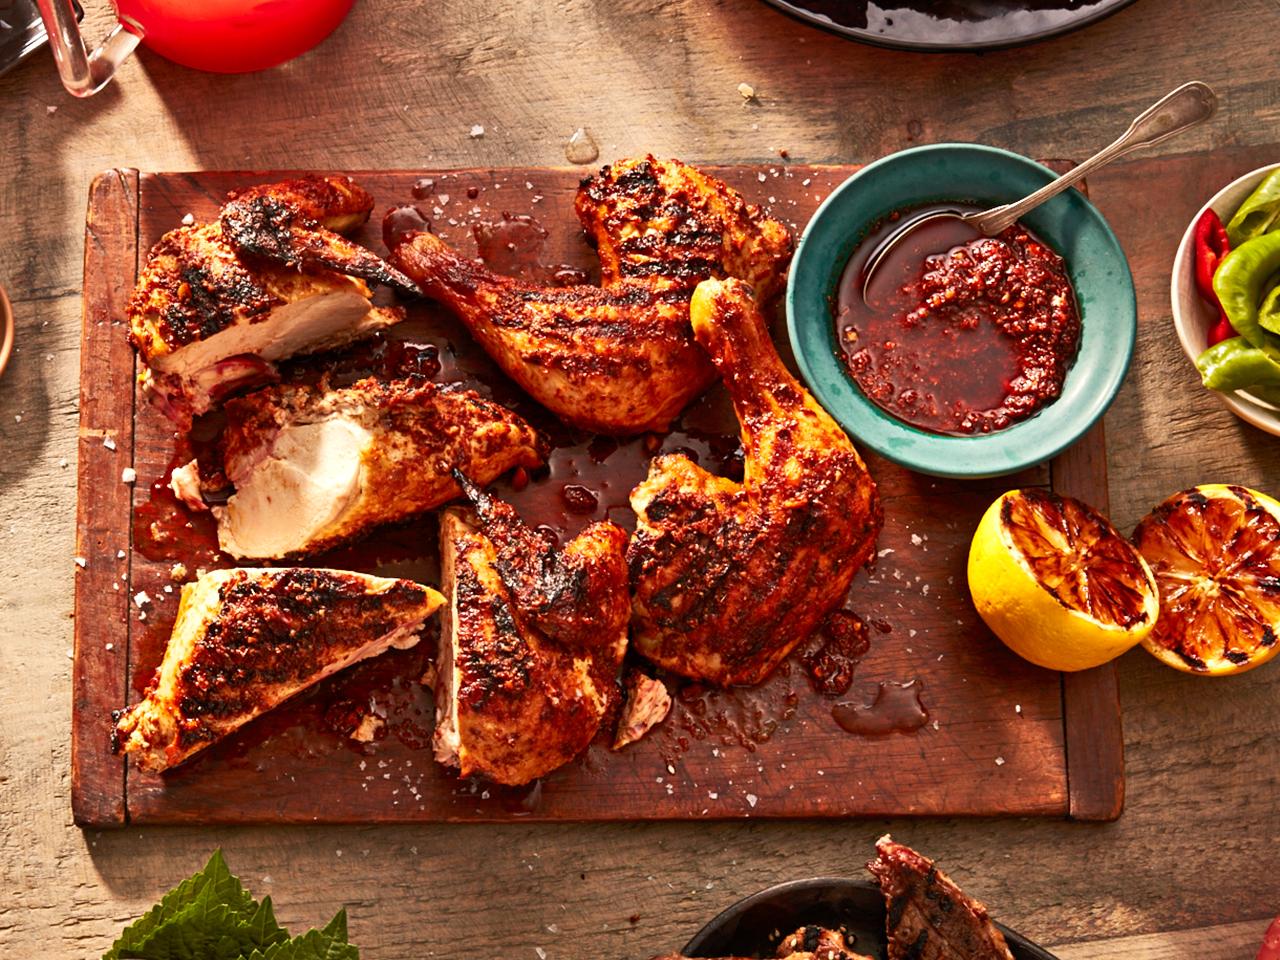 Barbecue menus: Harissa yogurt grilled chicken recipe